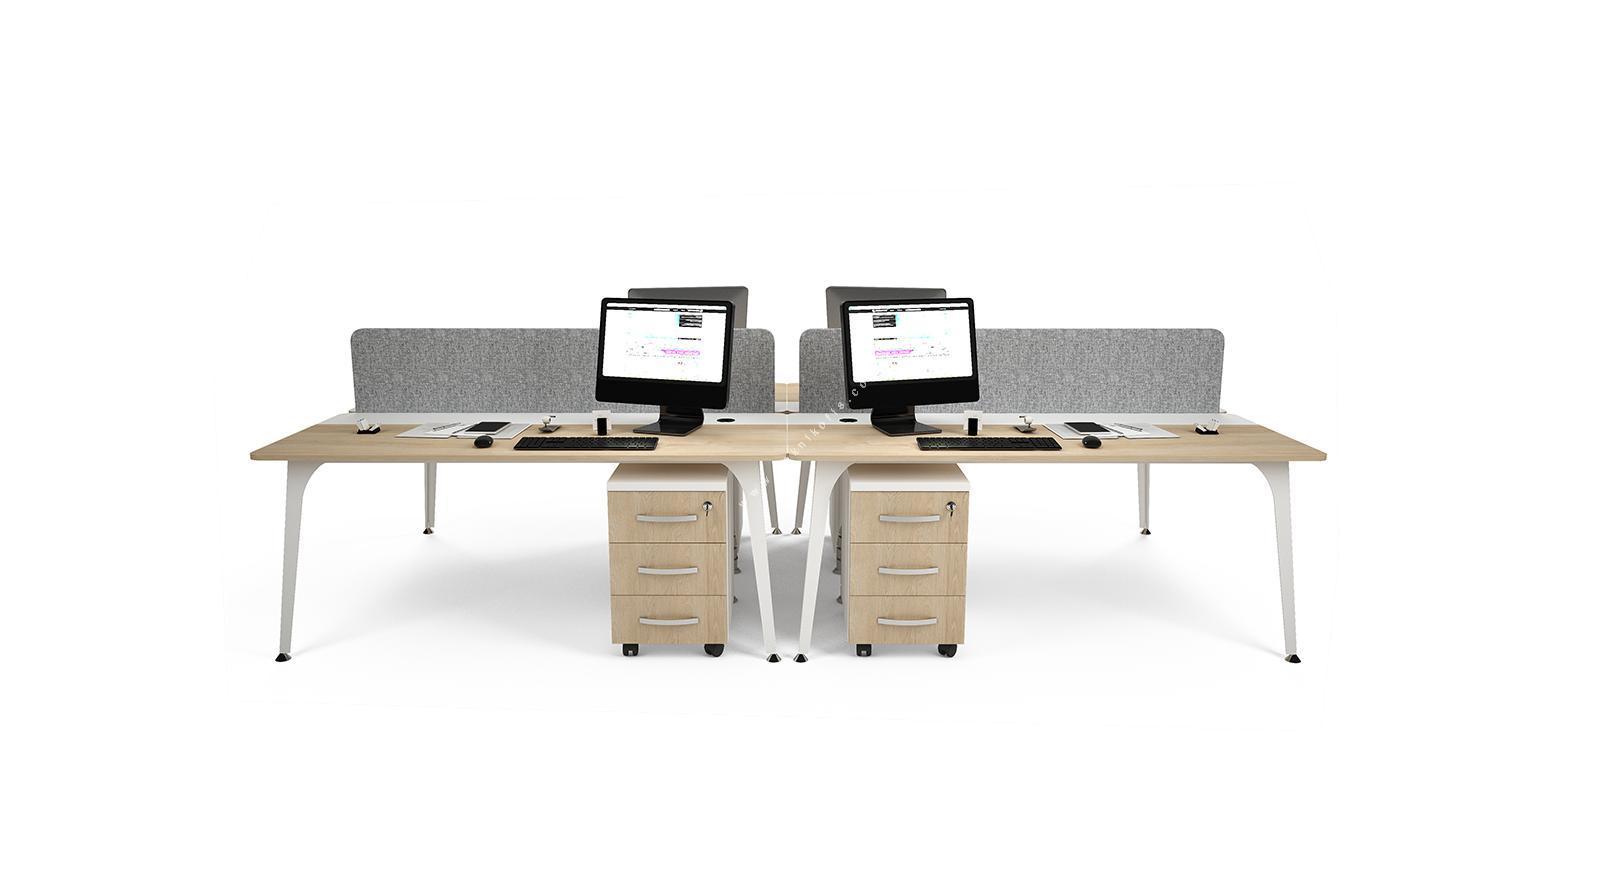 centrawork kumaş seperatörlü dörtlü çalışma masası 320cm